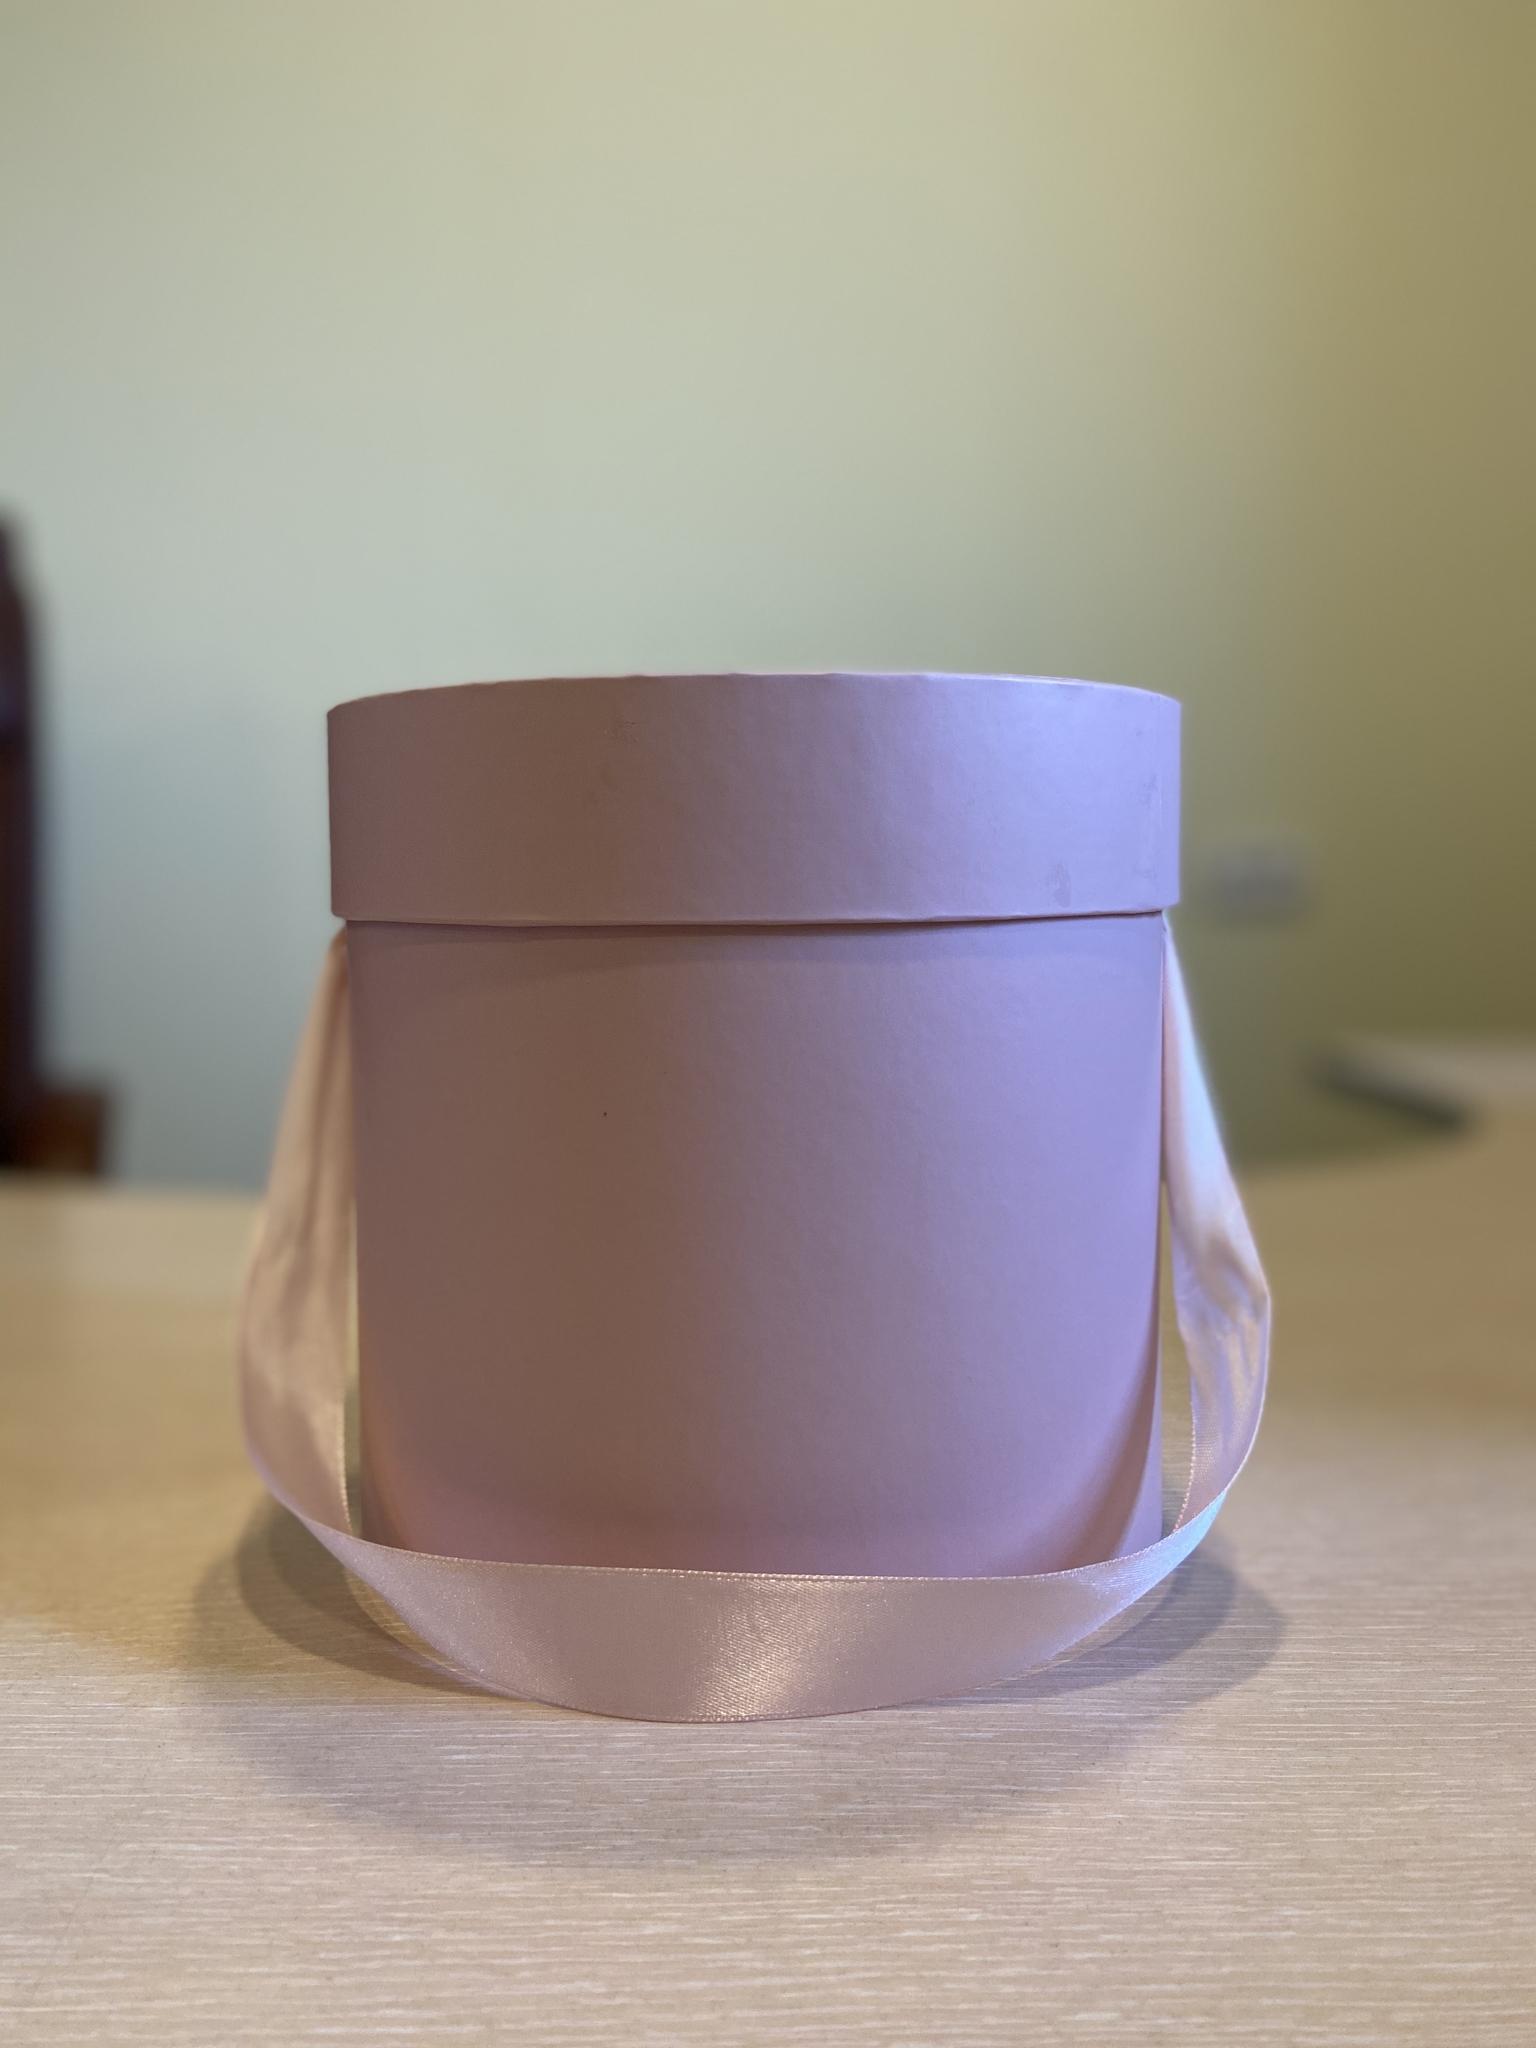 Шляпная коробка эконом вариант 16 см  Цвет; Пыльный розовый  . Розница 300  рублей .